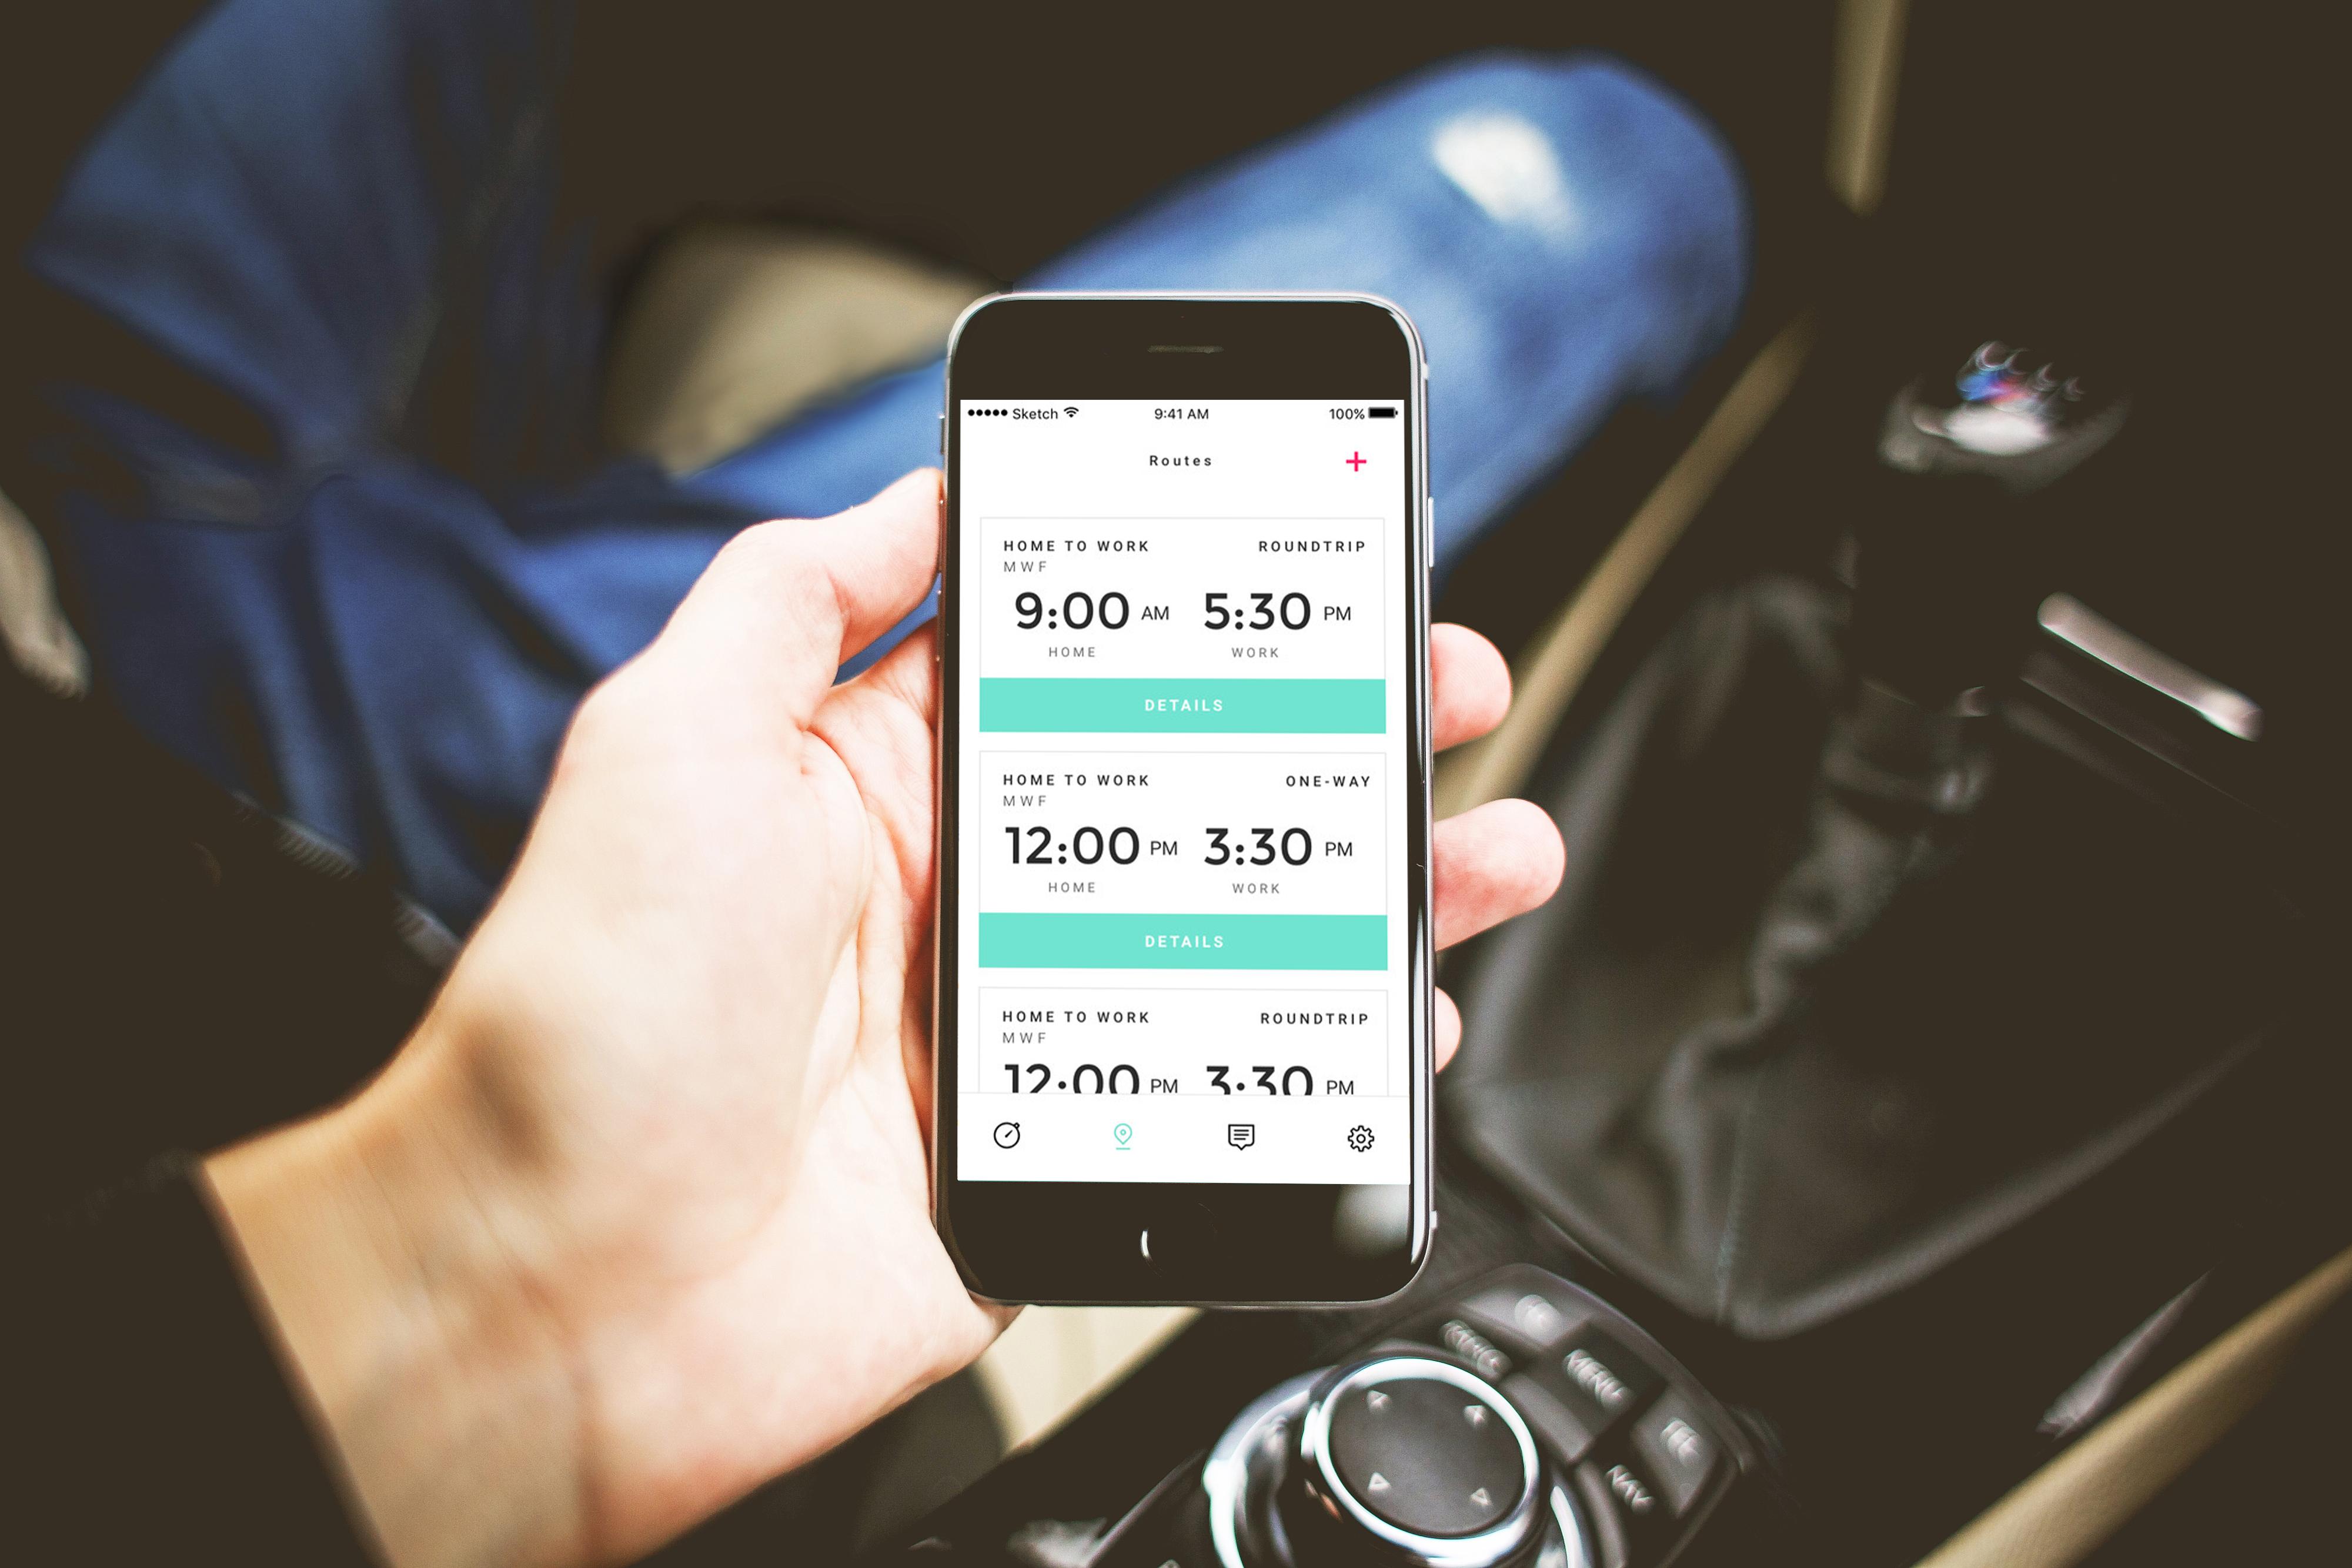 Aplikace pro spolujízdu SPLT